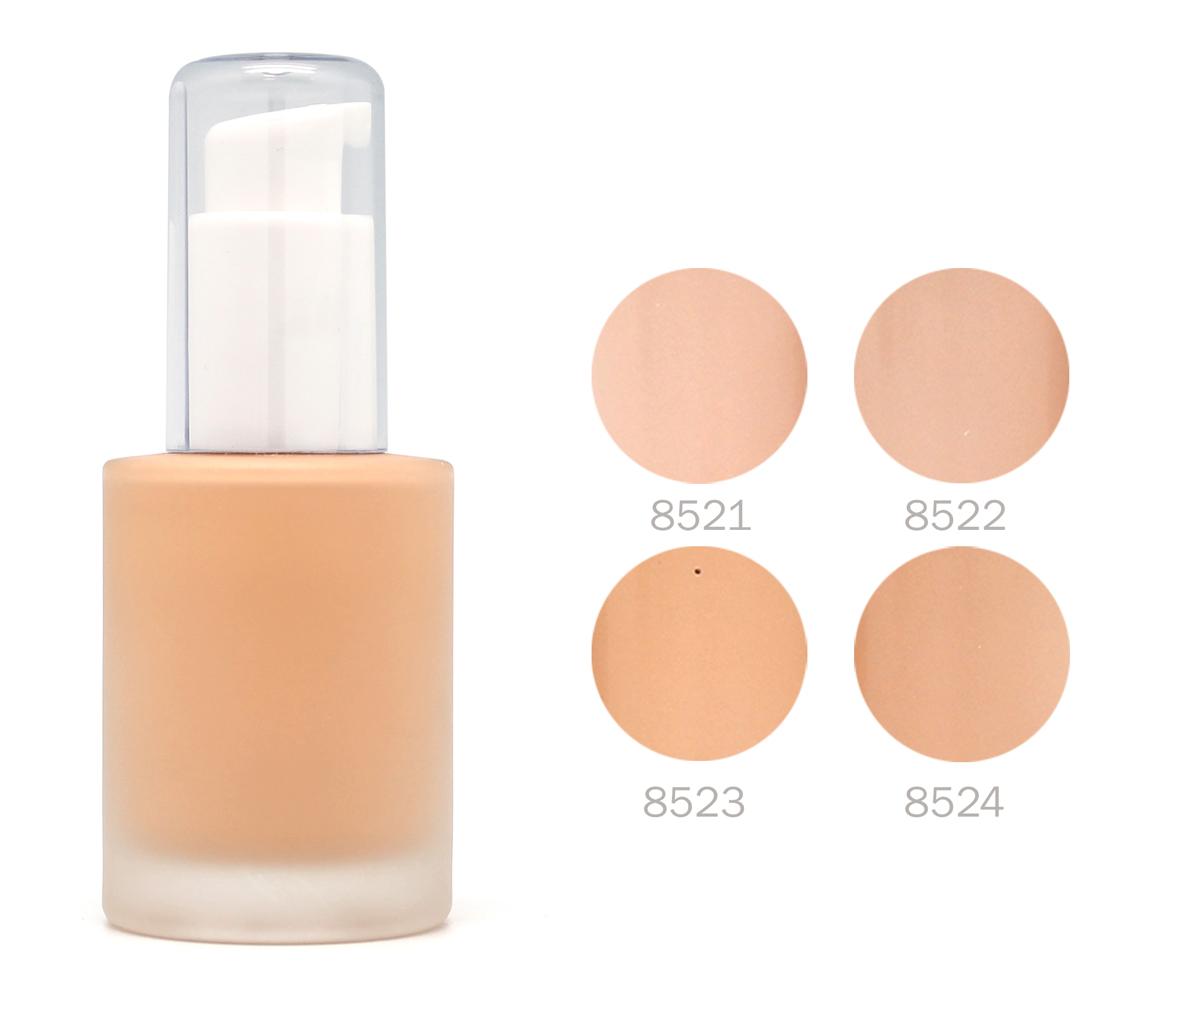 POETEQ тональное средство ОРО МАТТ, тон 22, 30 мл5010777139655Нежная текстура мягкого и комфортного крема обладает максимальной стойкостью и ощутимым матирующим эффектом. Защитная тональная основа легко распределяется, создавая эффект идеально матовой, выровненной поверхности. Ее современная формула обладает достаточной плотностью, но при этом не мешает кожному дыханию и остается абсолютно не ощутимой. Она сокращает расширенные поры, разглаживая рельеф и выравнивая общий тон лица. Стойкое матовое покрытие не теряет своих свойств в течение 24 часов и предохраняет кожу от сухости и преждевременного старения.